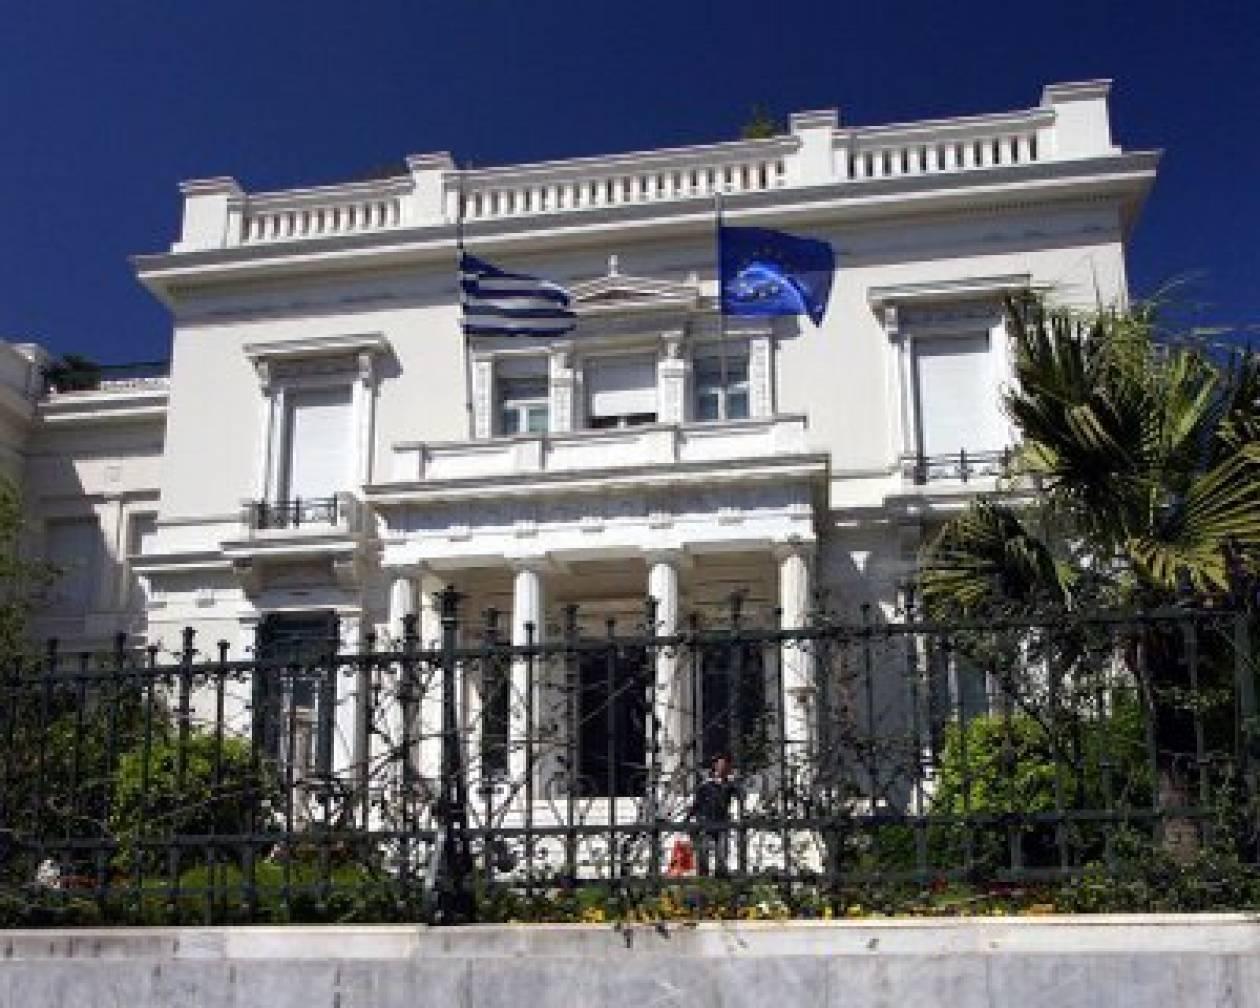 Εγκαίνια έκθεσης «Γιάννης Μόραλης - Αρχιτεκτονικές συνθέσεις» στο Μουσείο Μπενάκη